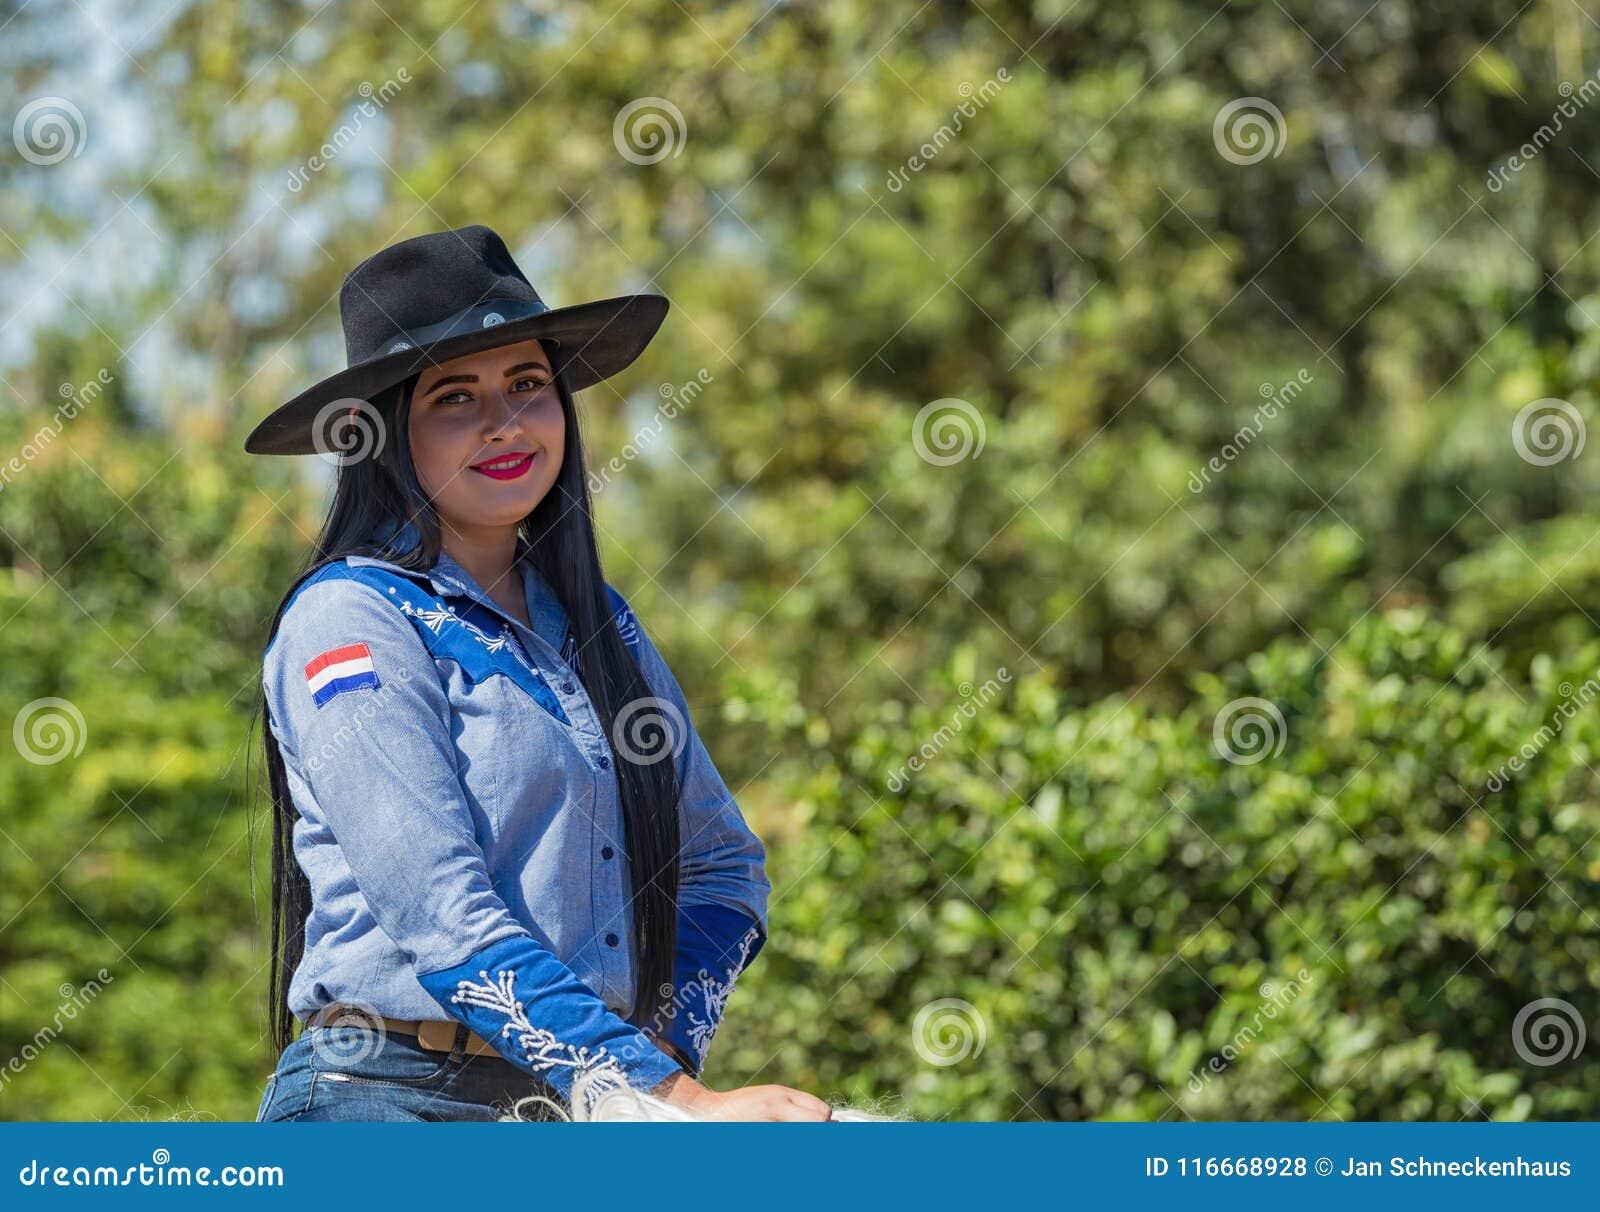 Colonia Independencia, Παραγουάη - 14 Μαΐου 2018: Μια όμορφη γυναίκα οδηγά υπερήφανα το άλογό της κατά τη διάρκεια του ετήσιου πα